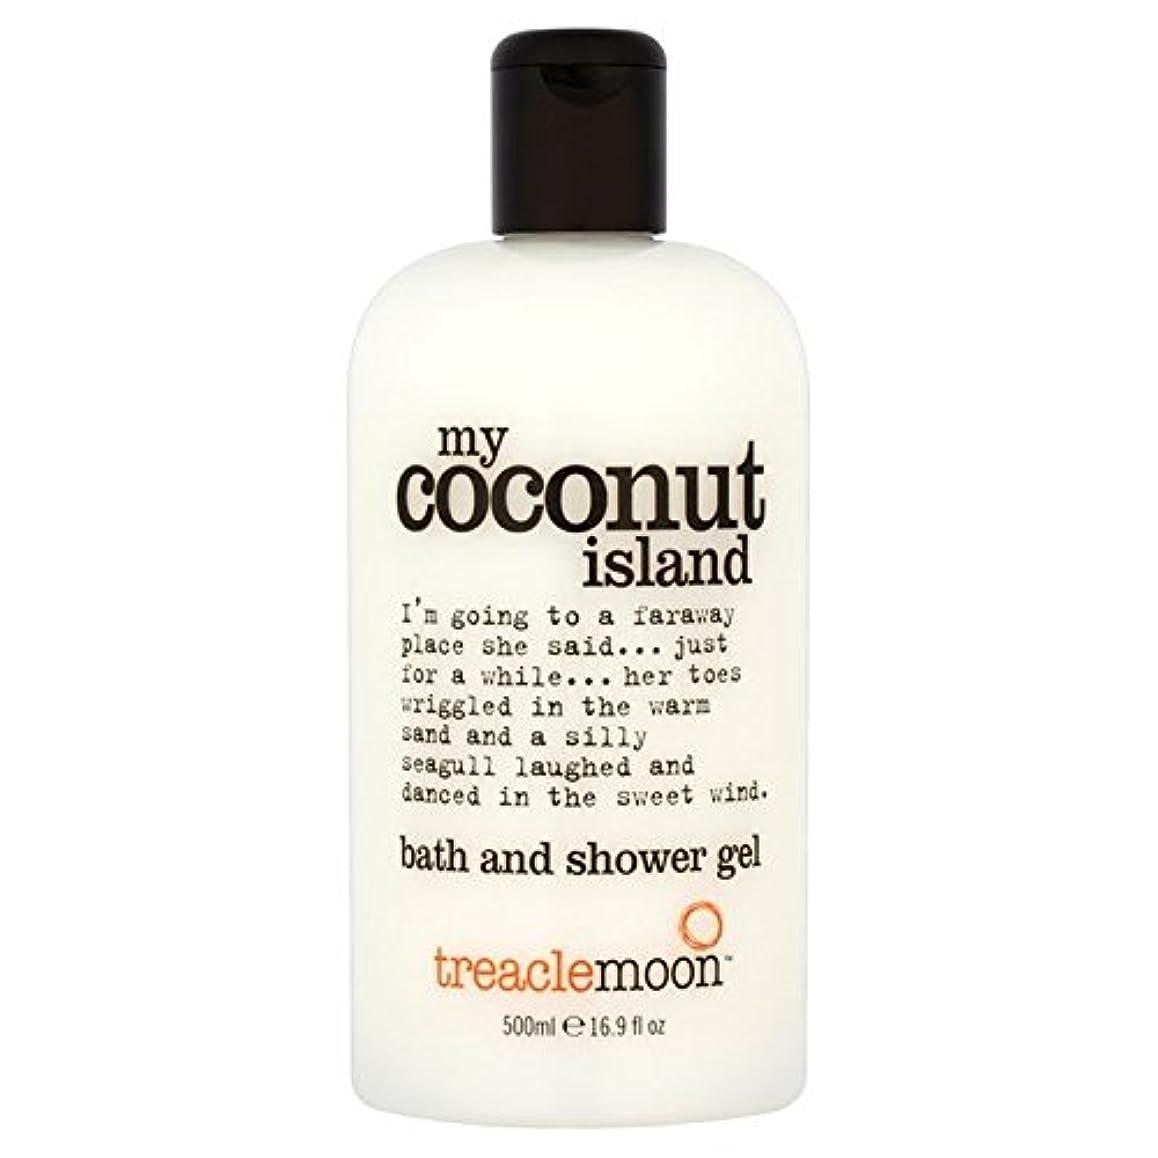 感嘆符アニメーションアレキサンダーグラハムベルTreacle Moon Coconut Island Bath & Shower Gel 500ml (Pack of 6) - 糖蜜月ココナッツ島のバス&シャワージェル500ミリリットル x6 [並行輸入品]